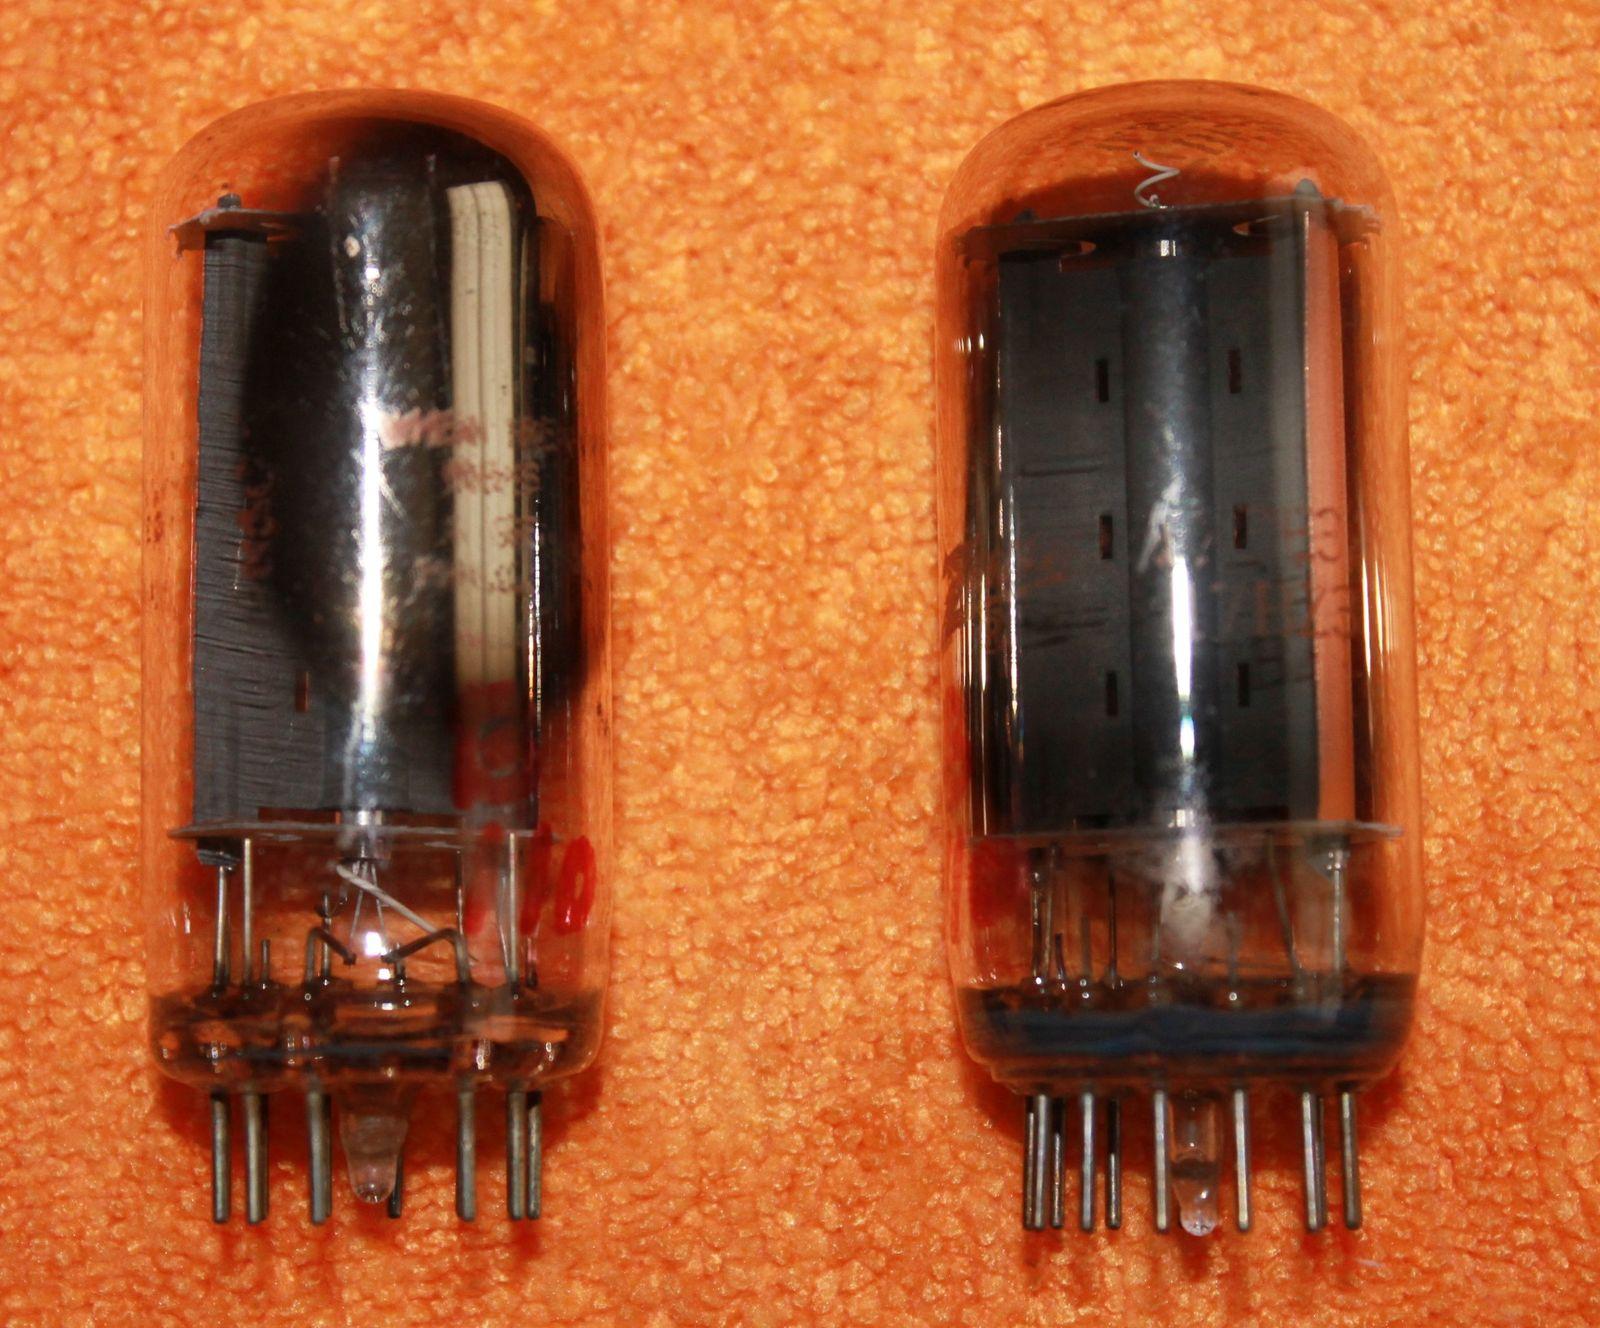 Vintage Radio Vacuum Tube (one): 17BE3 - Tested Good